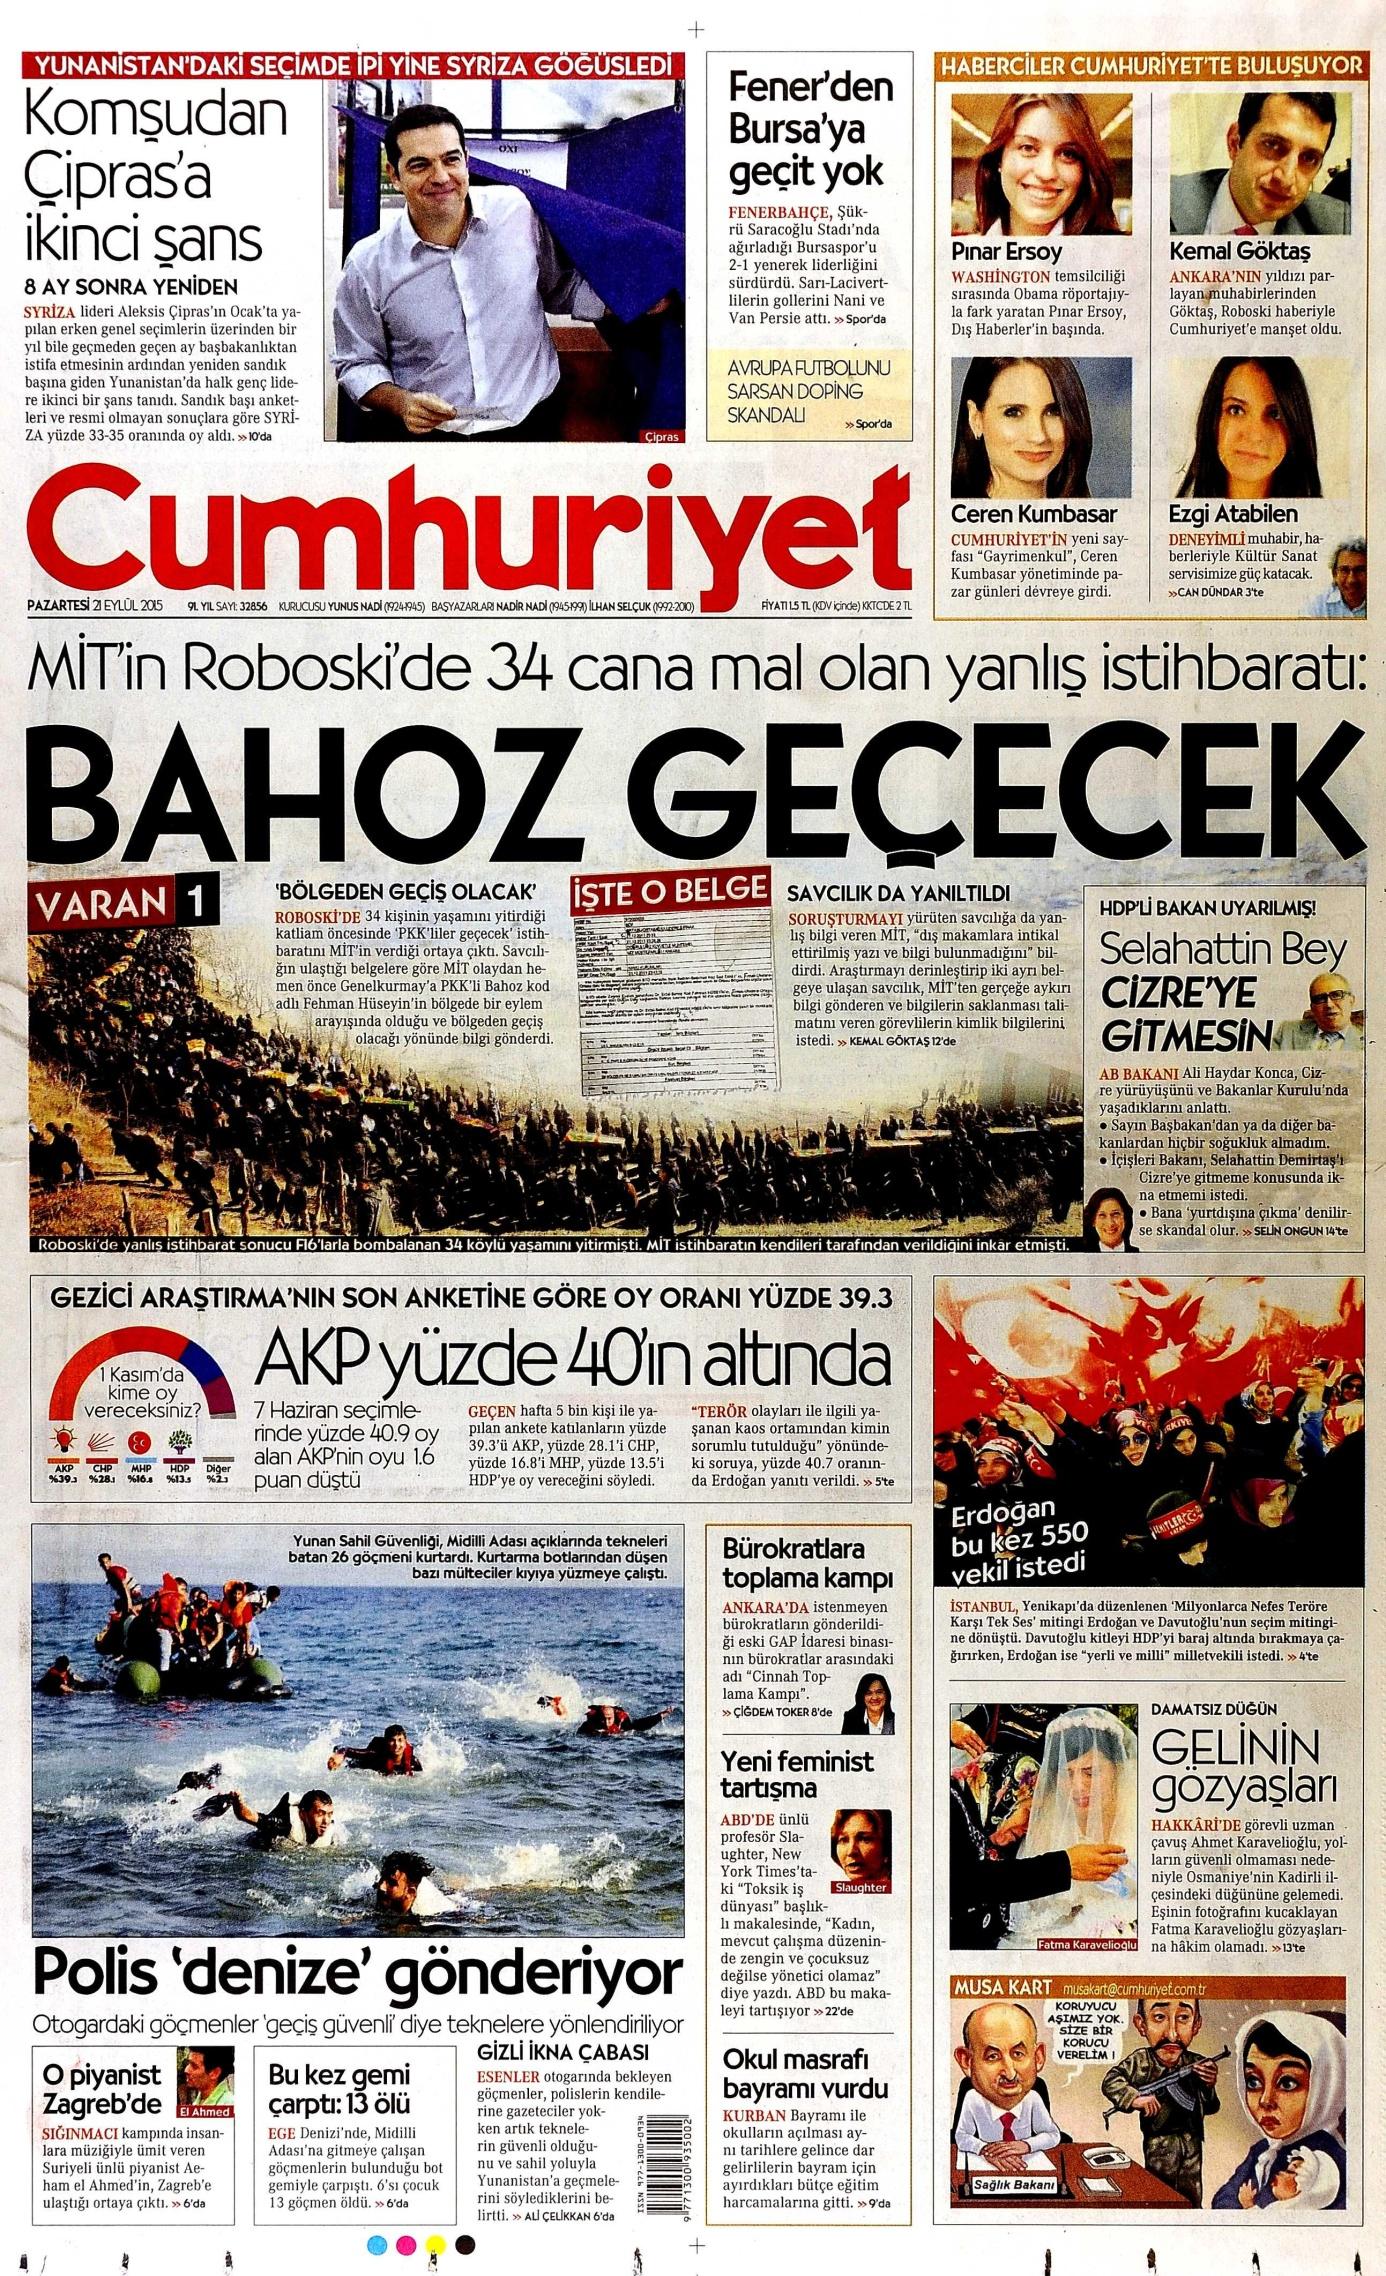 cumhuriyet_gazetesi.jpg